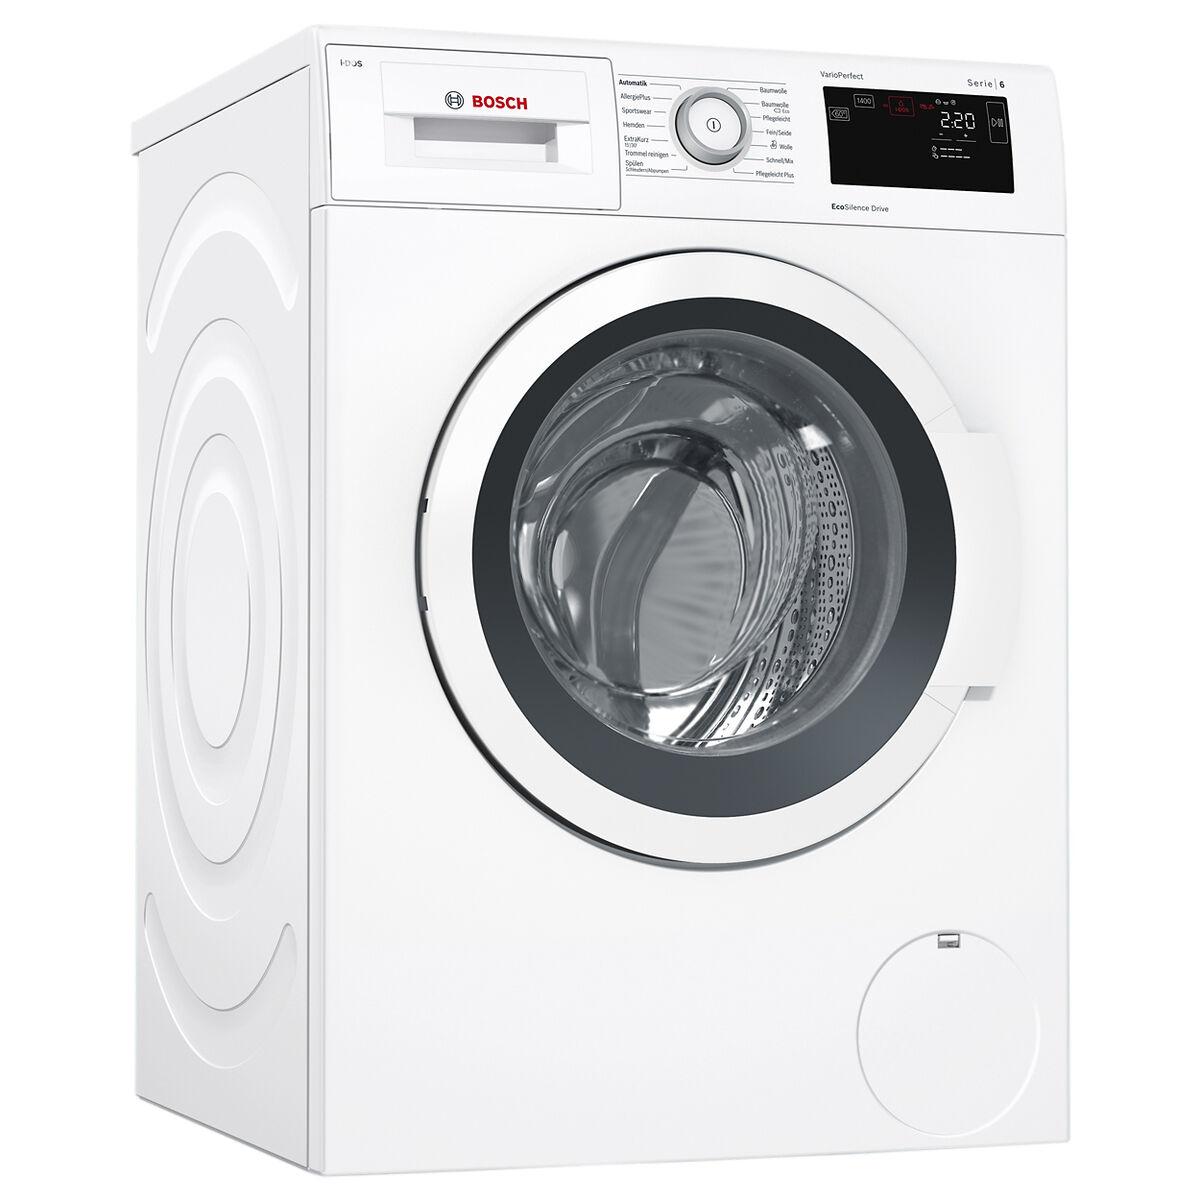 Bosch Waschmaschine WAT 286V0  - Serie 6 - 8kg - A+++